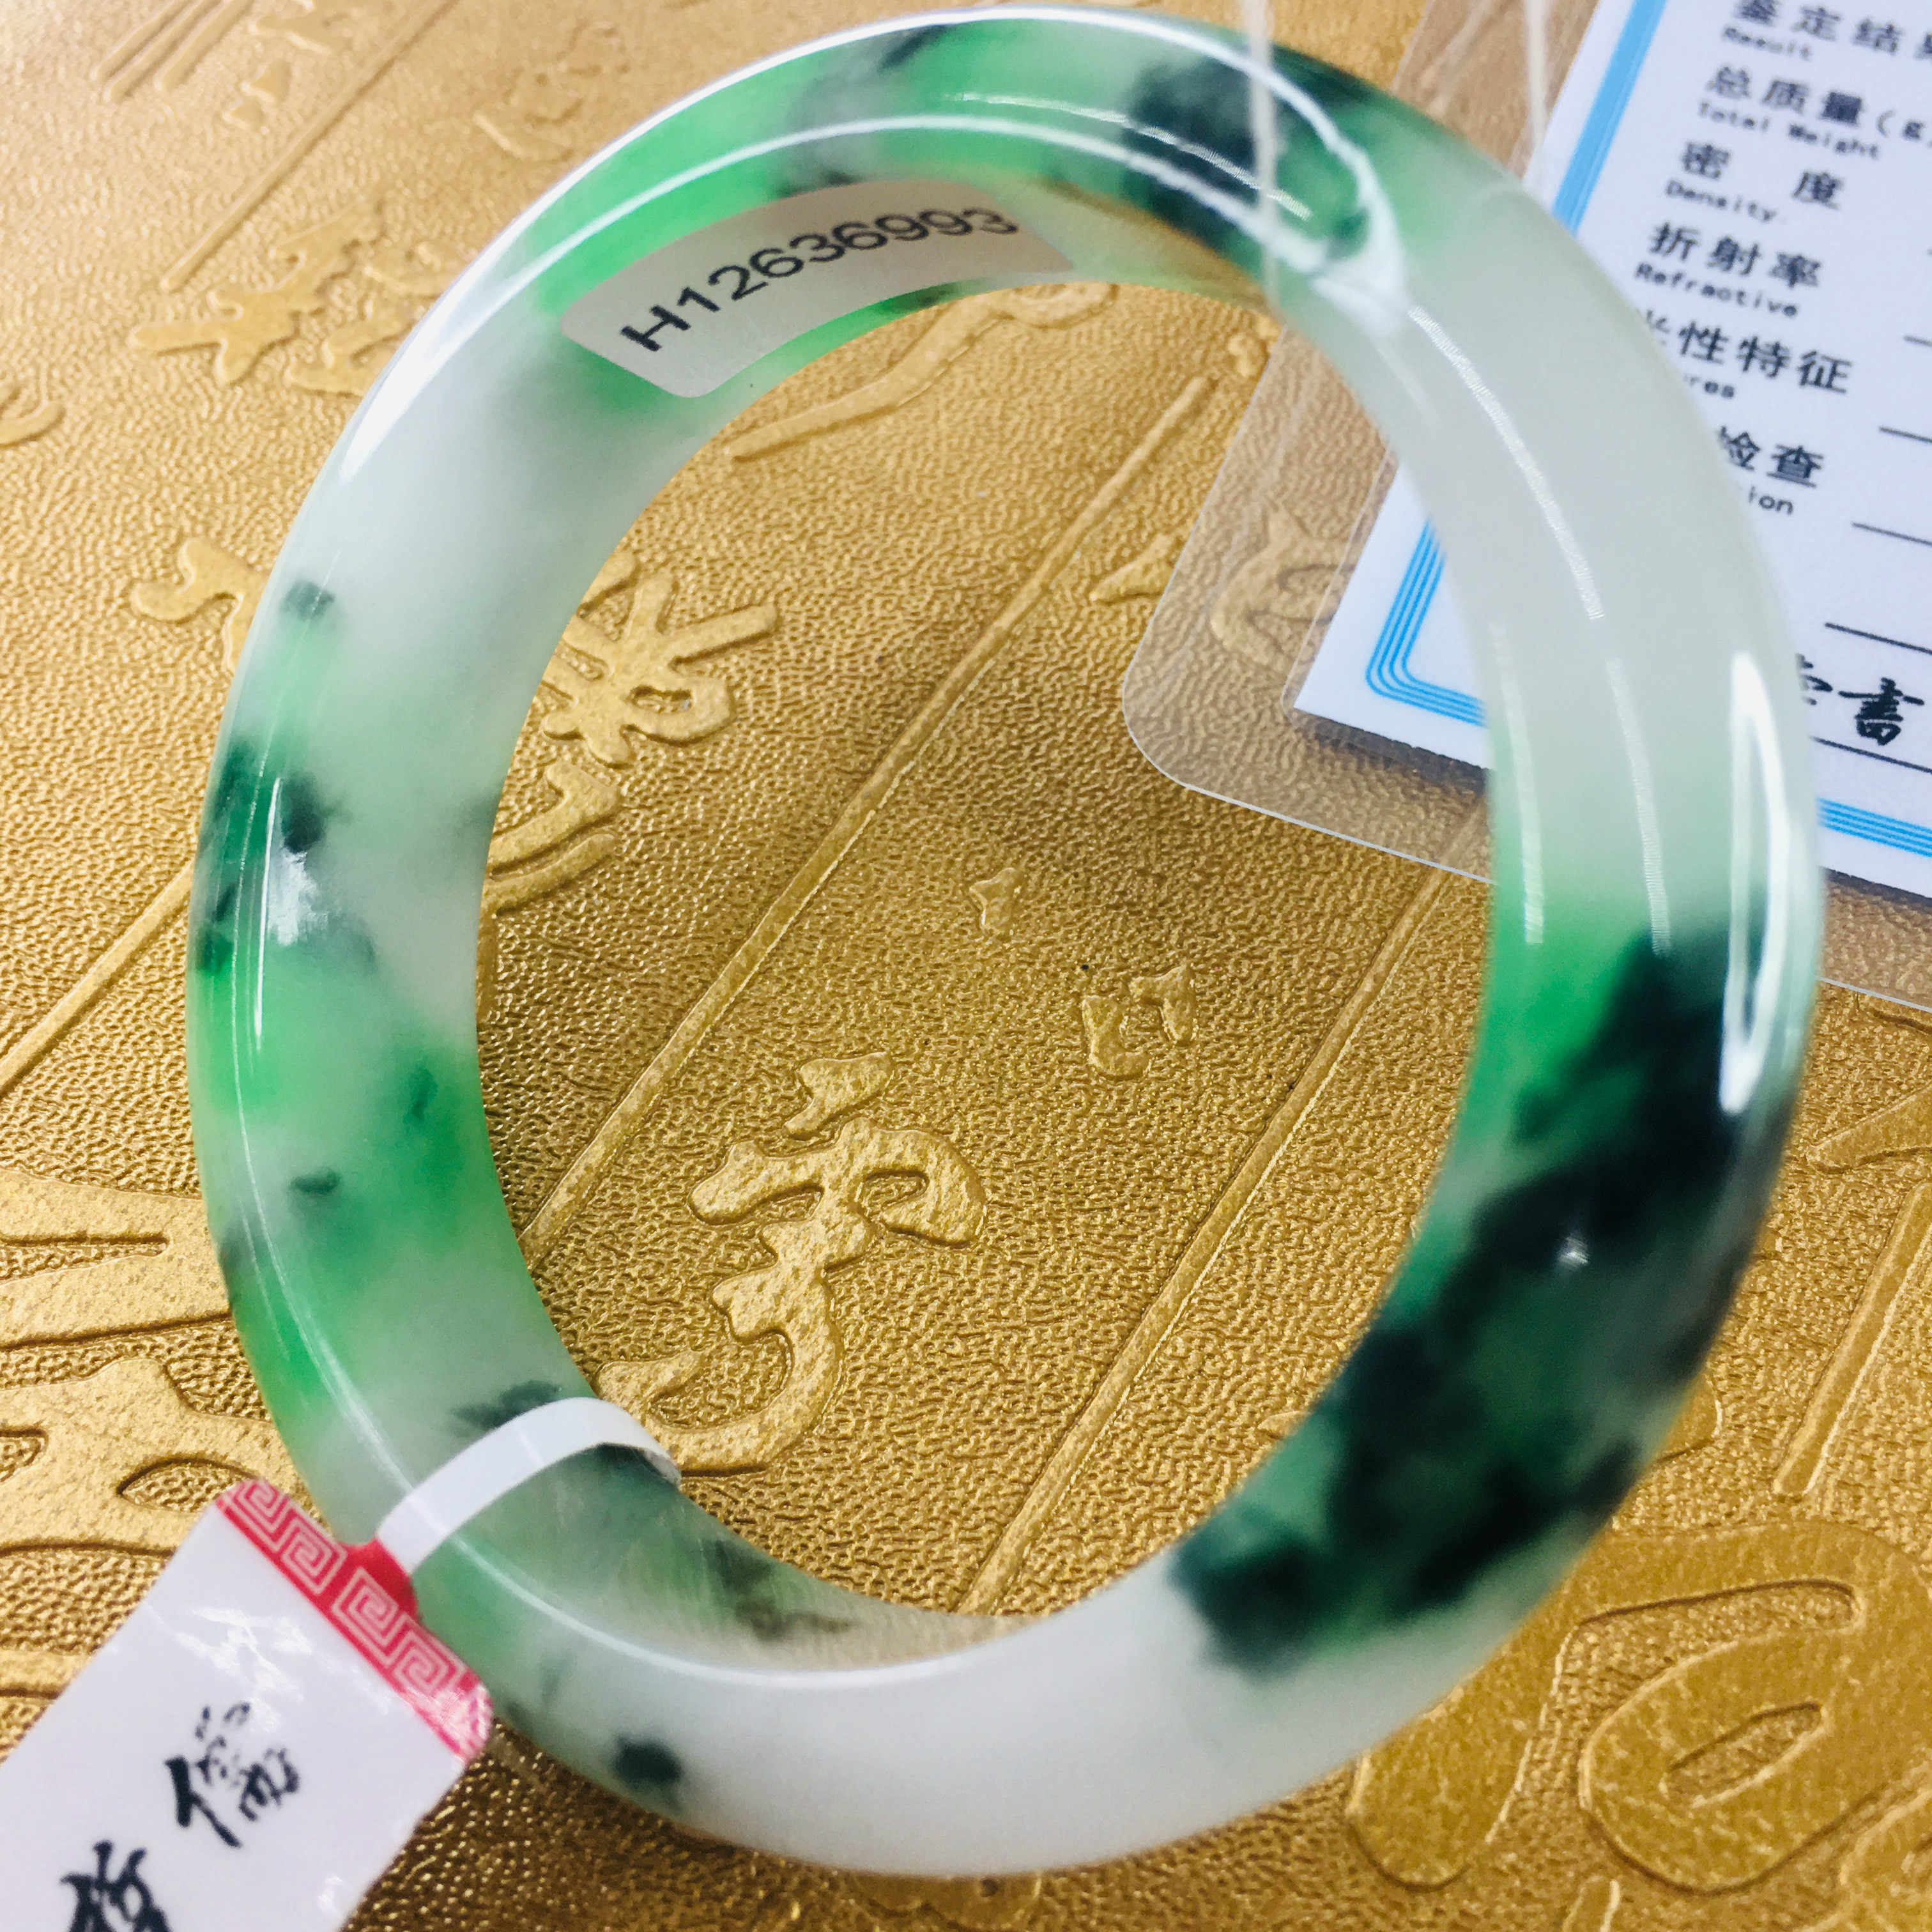 ส่งใบรับรองธรรมชาติ Jadeite สร้อยข้อมือแกะสลัก 2 สีสีเขียว 54-61 มม. สร้อยข้อมือผู้หญิงของขวัญเครื่องประดับ